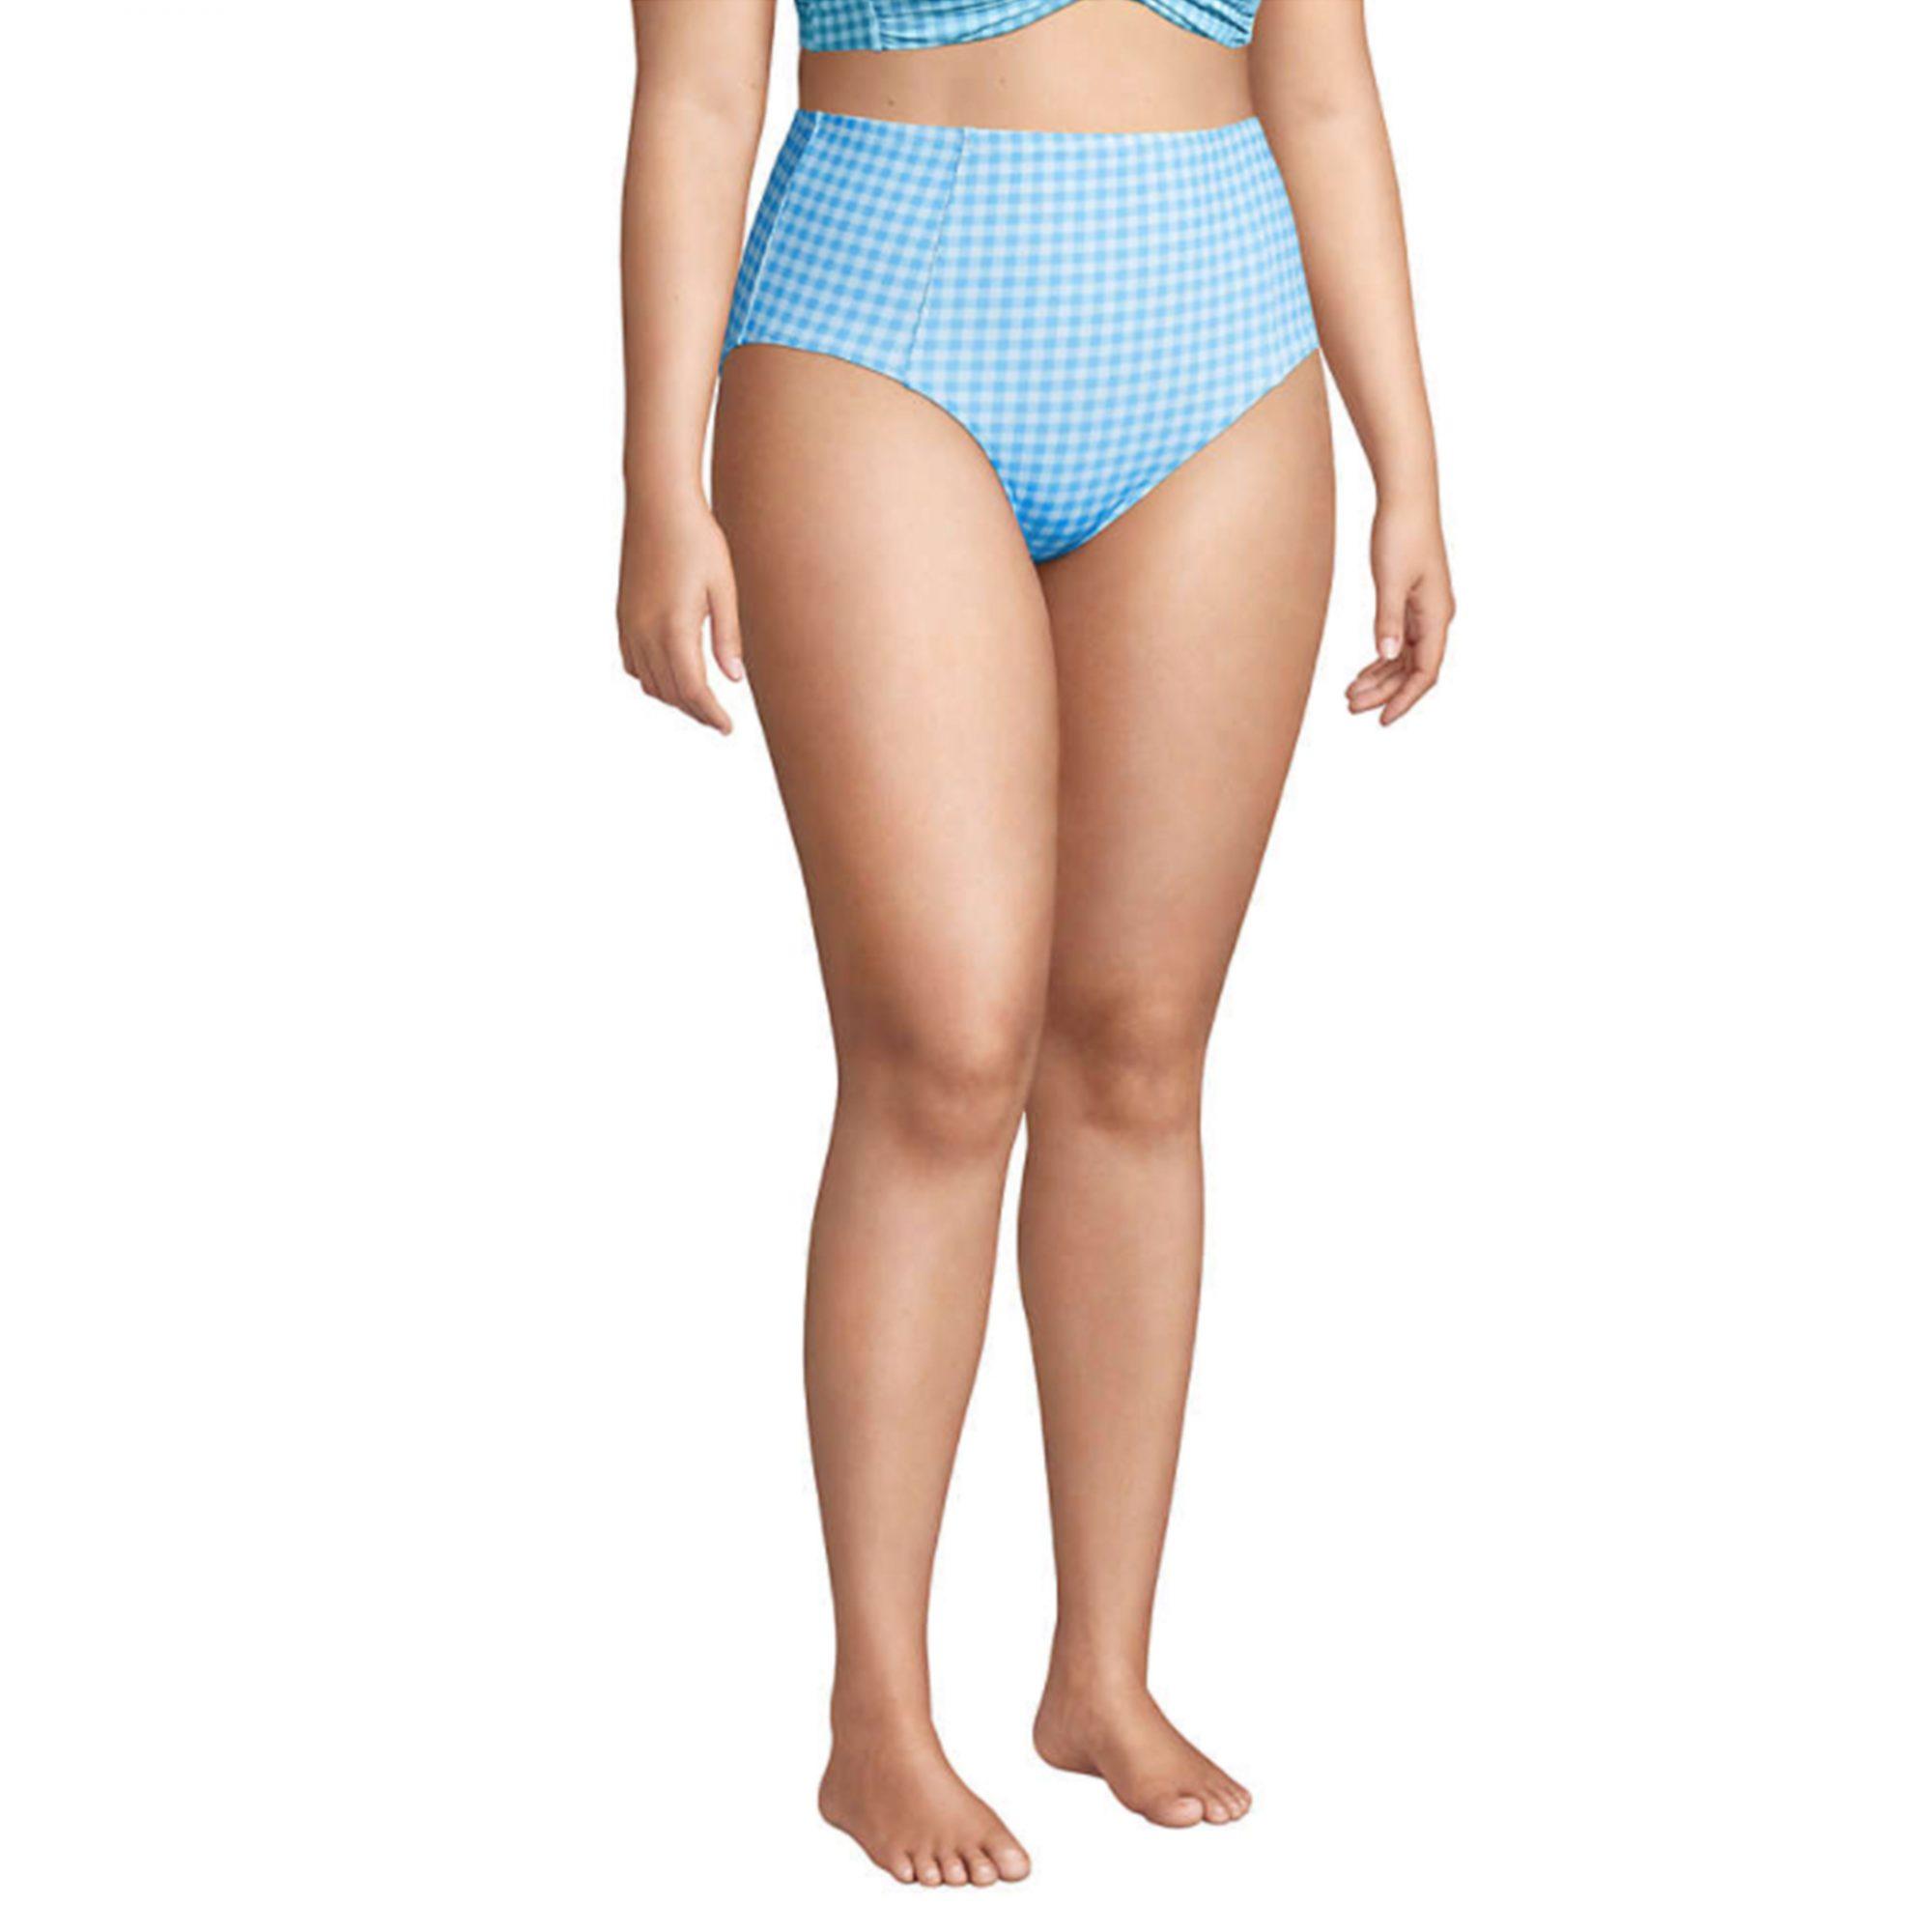 retro-high-waisted-bikini, best-high-waisted-bikini